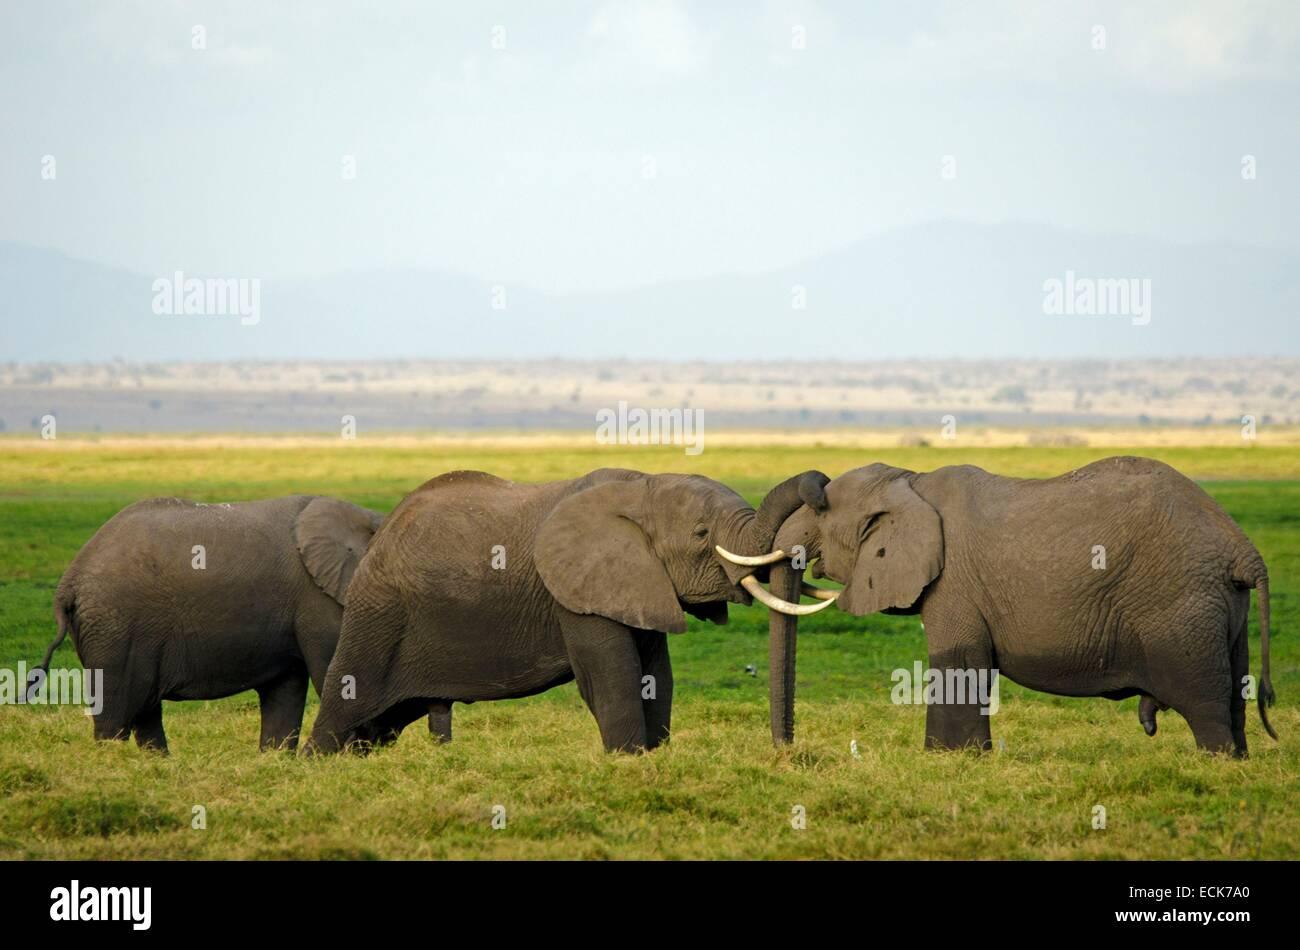 Kenya, Amboseli National Park, elephant (Loxodonta africana) kissing - Stock Image